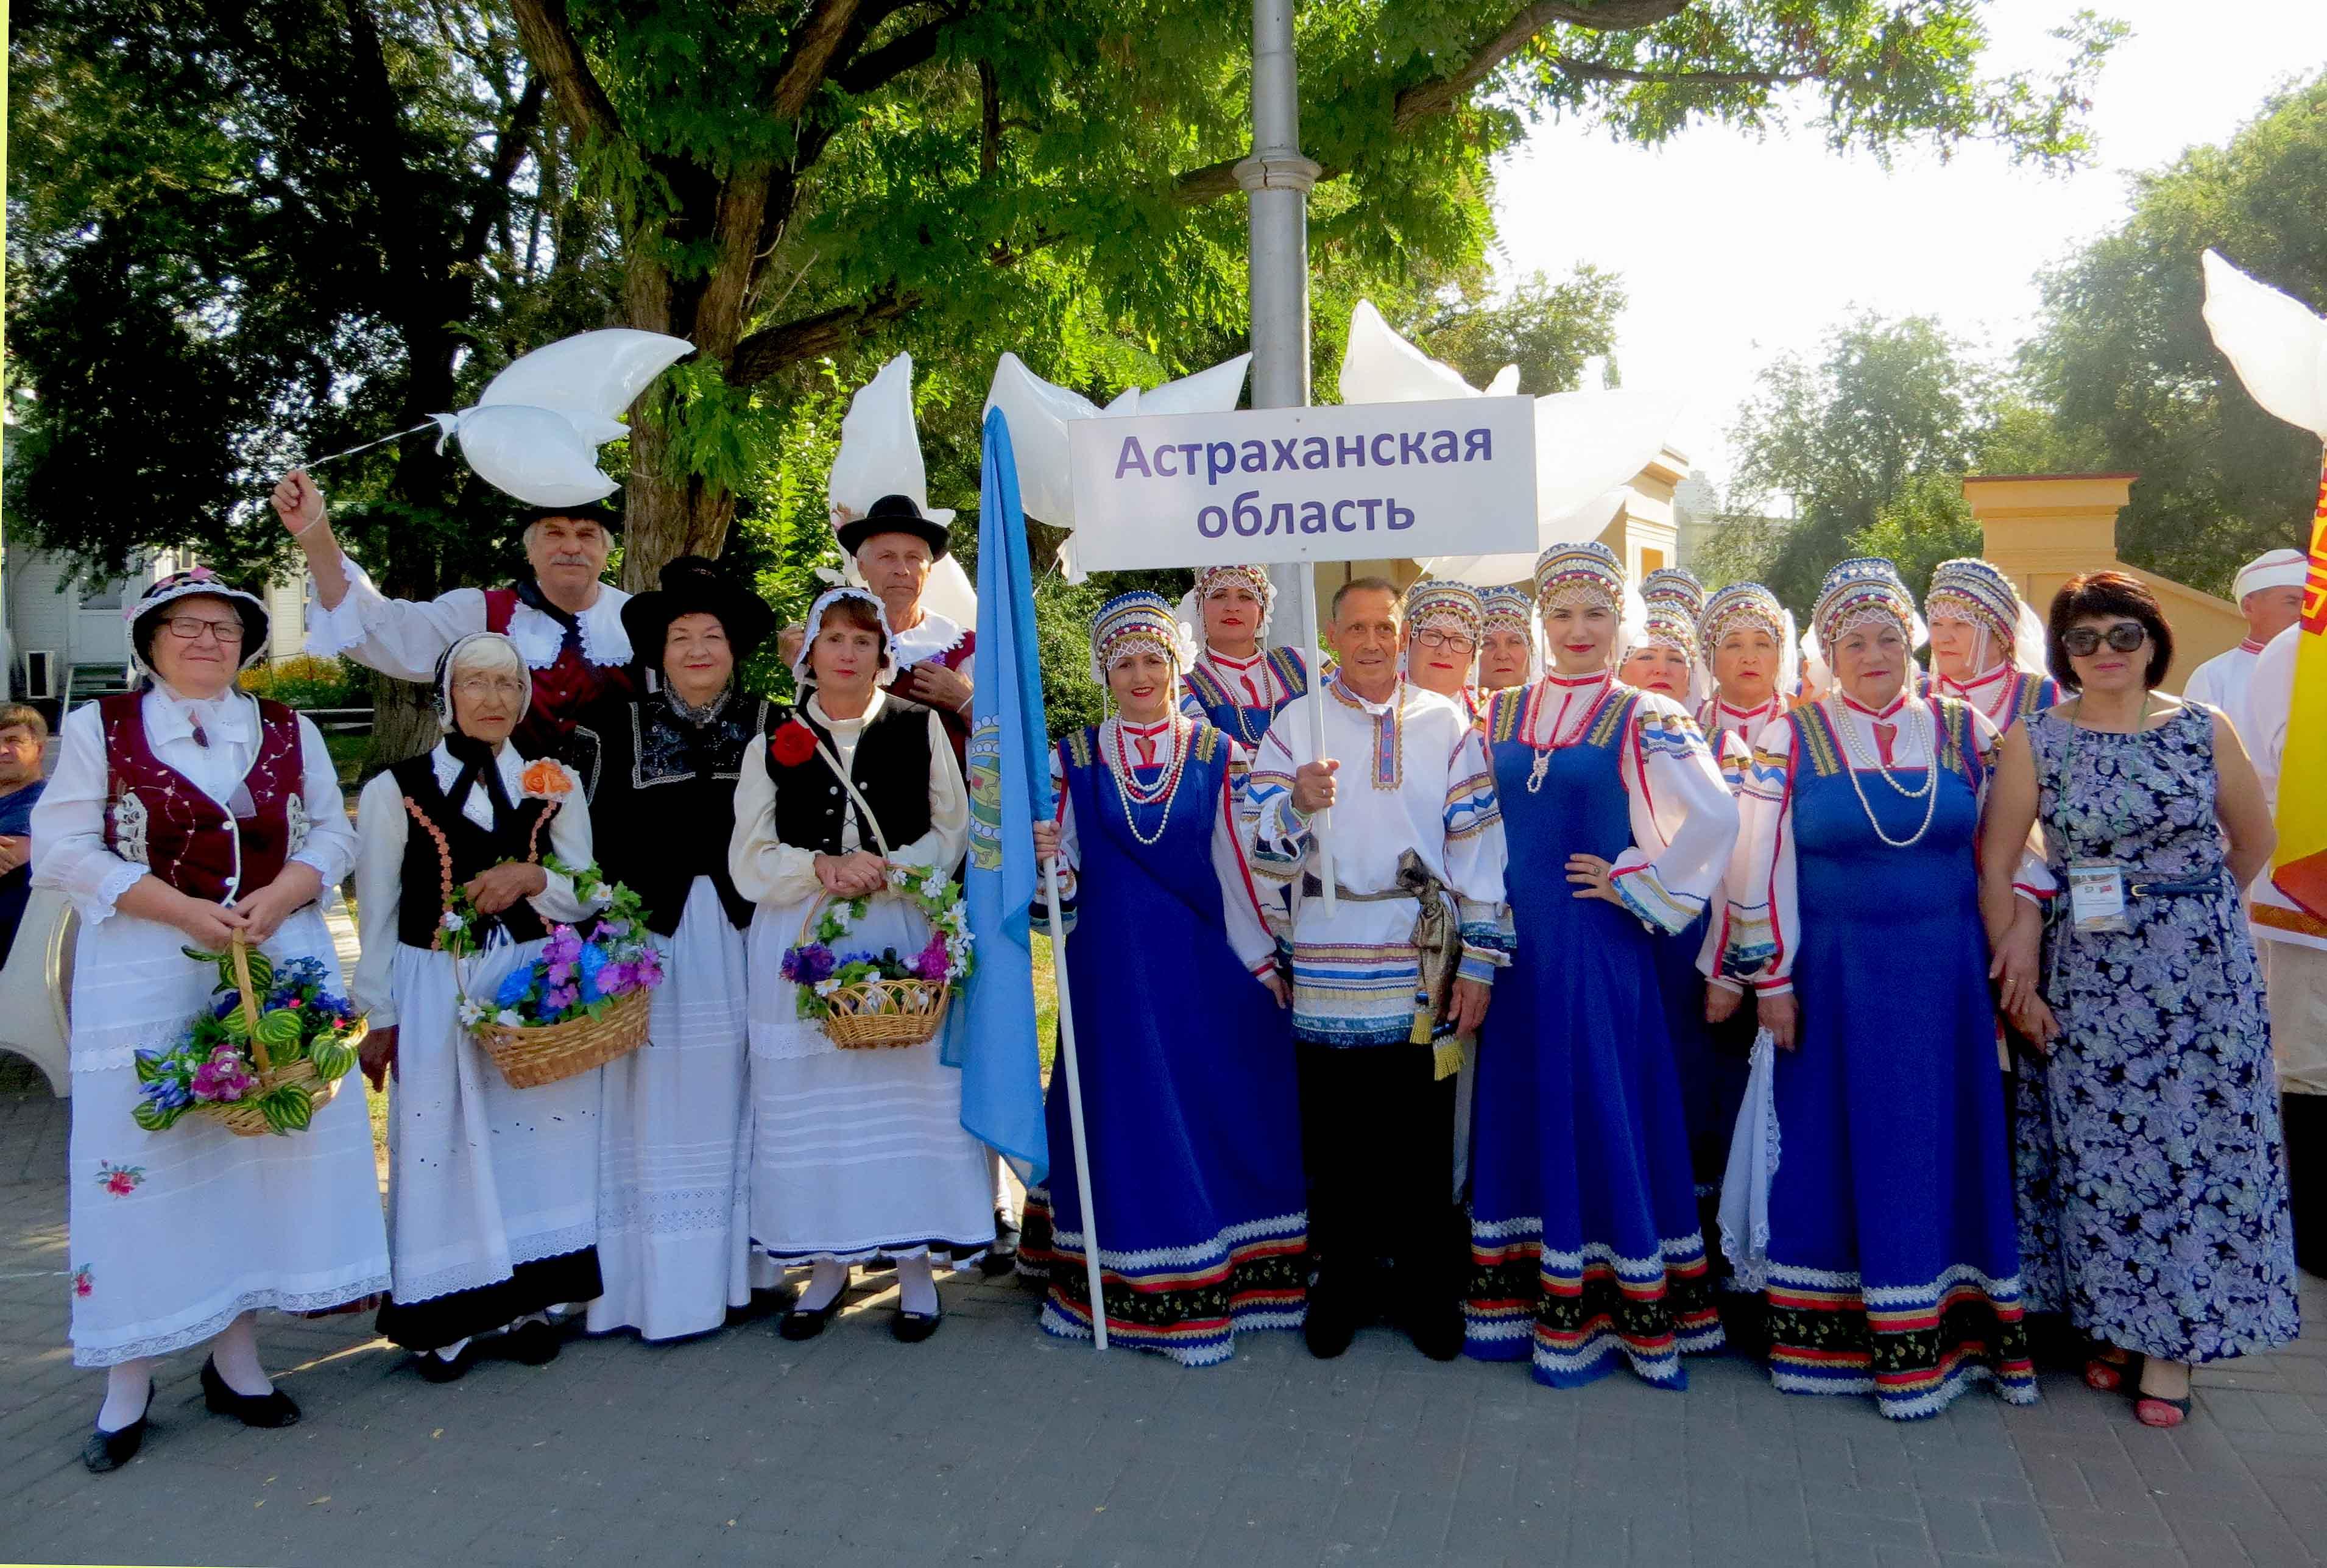 Астраханские коллективы на фестивале национальных культур  в Волгограде